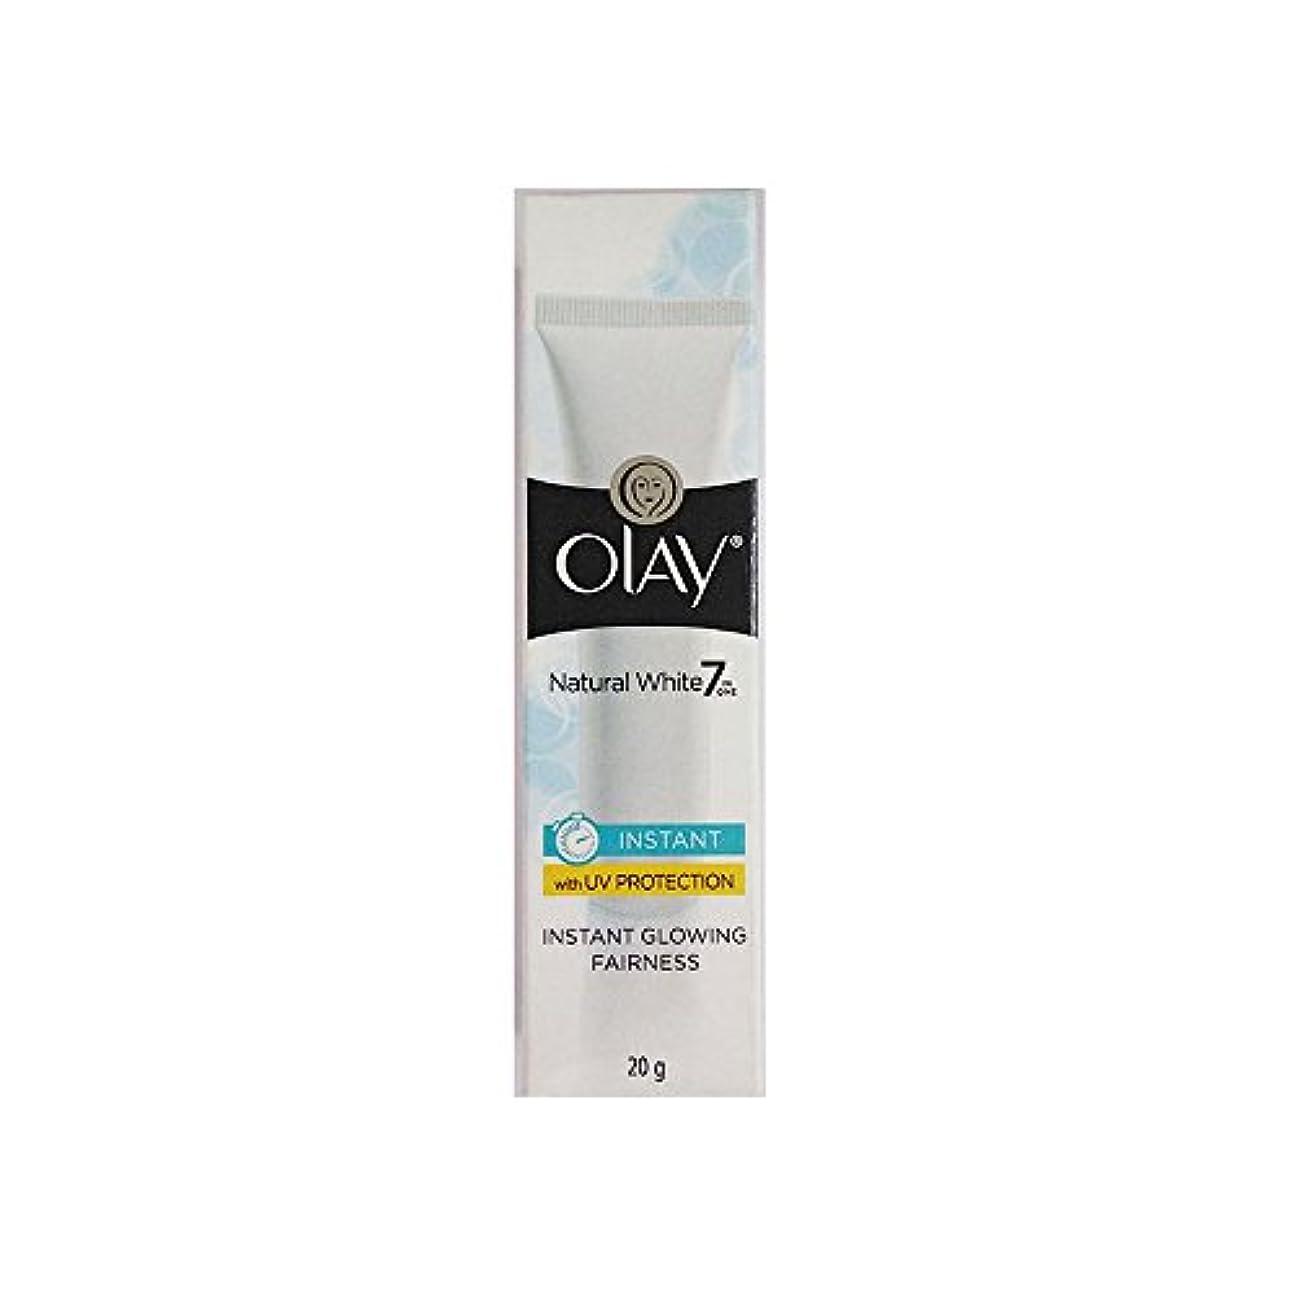 パック前置詞禁じるOlay Natural White Light Instant Glowing Fairness Cream, 20g